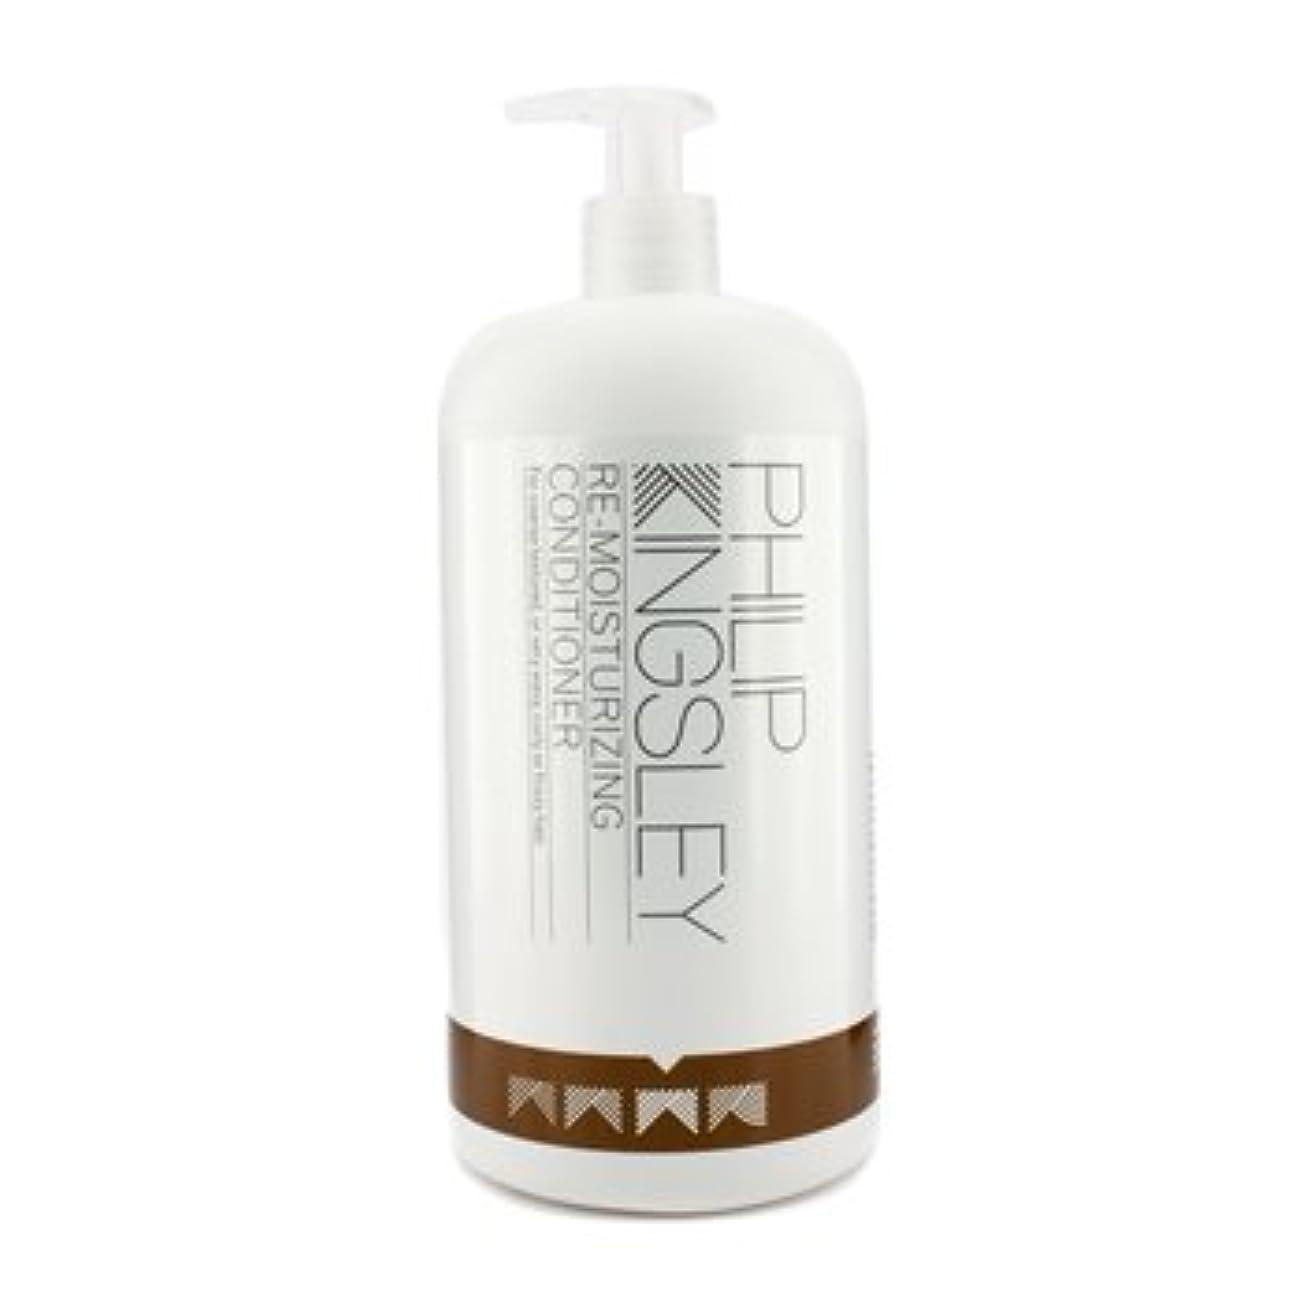 [フィリップキングスレー] リモイスチャライジング コンディショナー(硬い髪、くせ毛、広がりやすい髪用) 1000ml/33.8oz